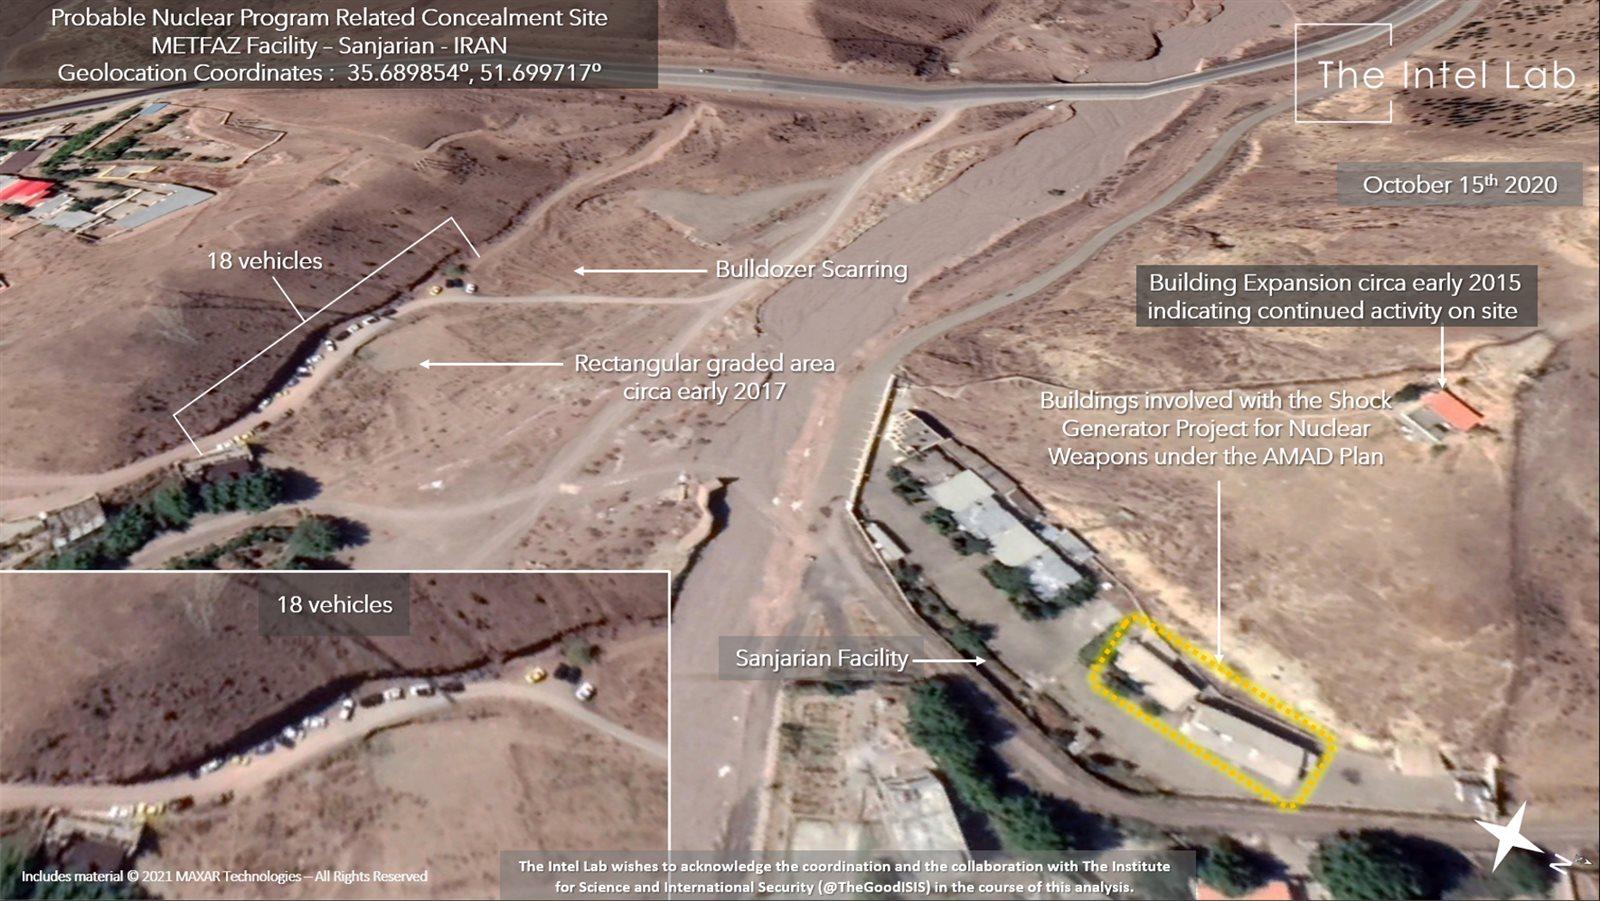 الأقمار الصناعية تكشف أنشطة مريبة في موقع نووي إيراني